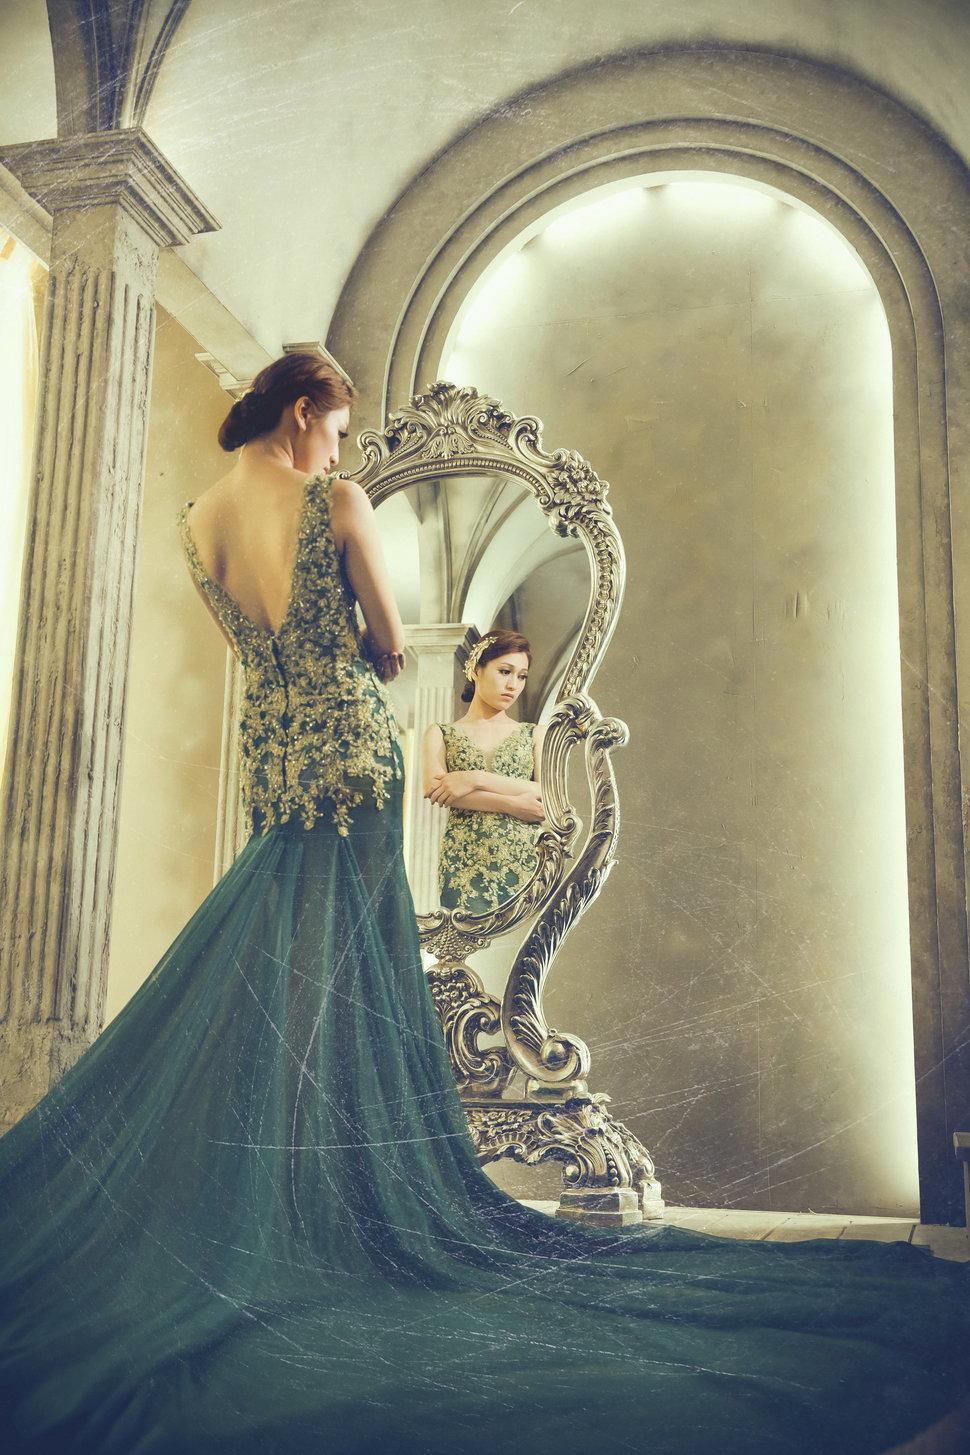 2016希臘婚禮手工婚紗禮服(編號:377084) - 希臘婚禮  婚紗  攝影 - 結婚吧